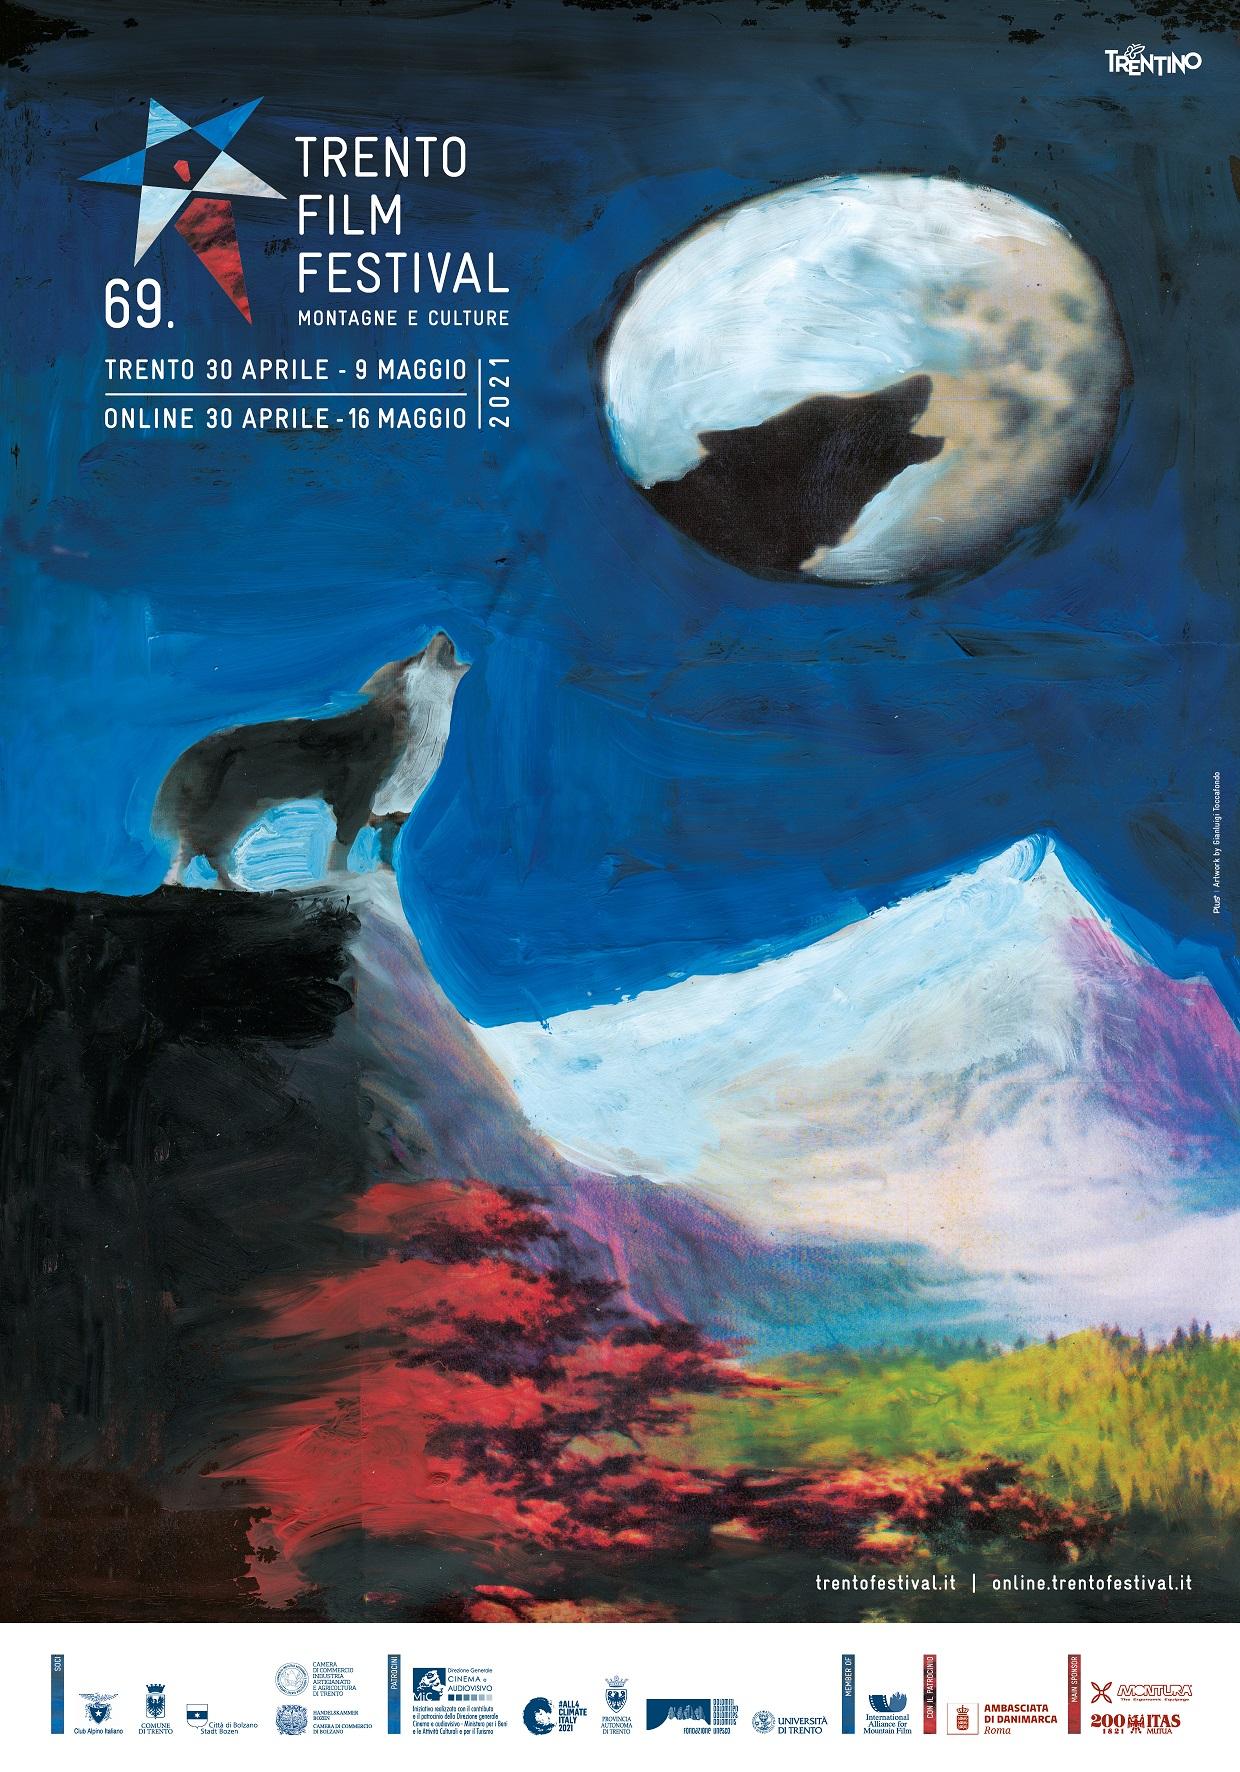 Trento Film Festival 2021, il manifesto ufficiale